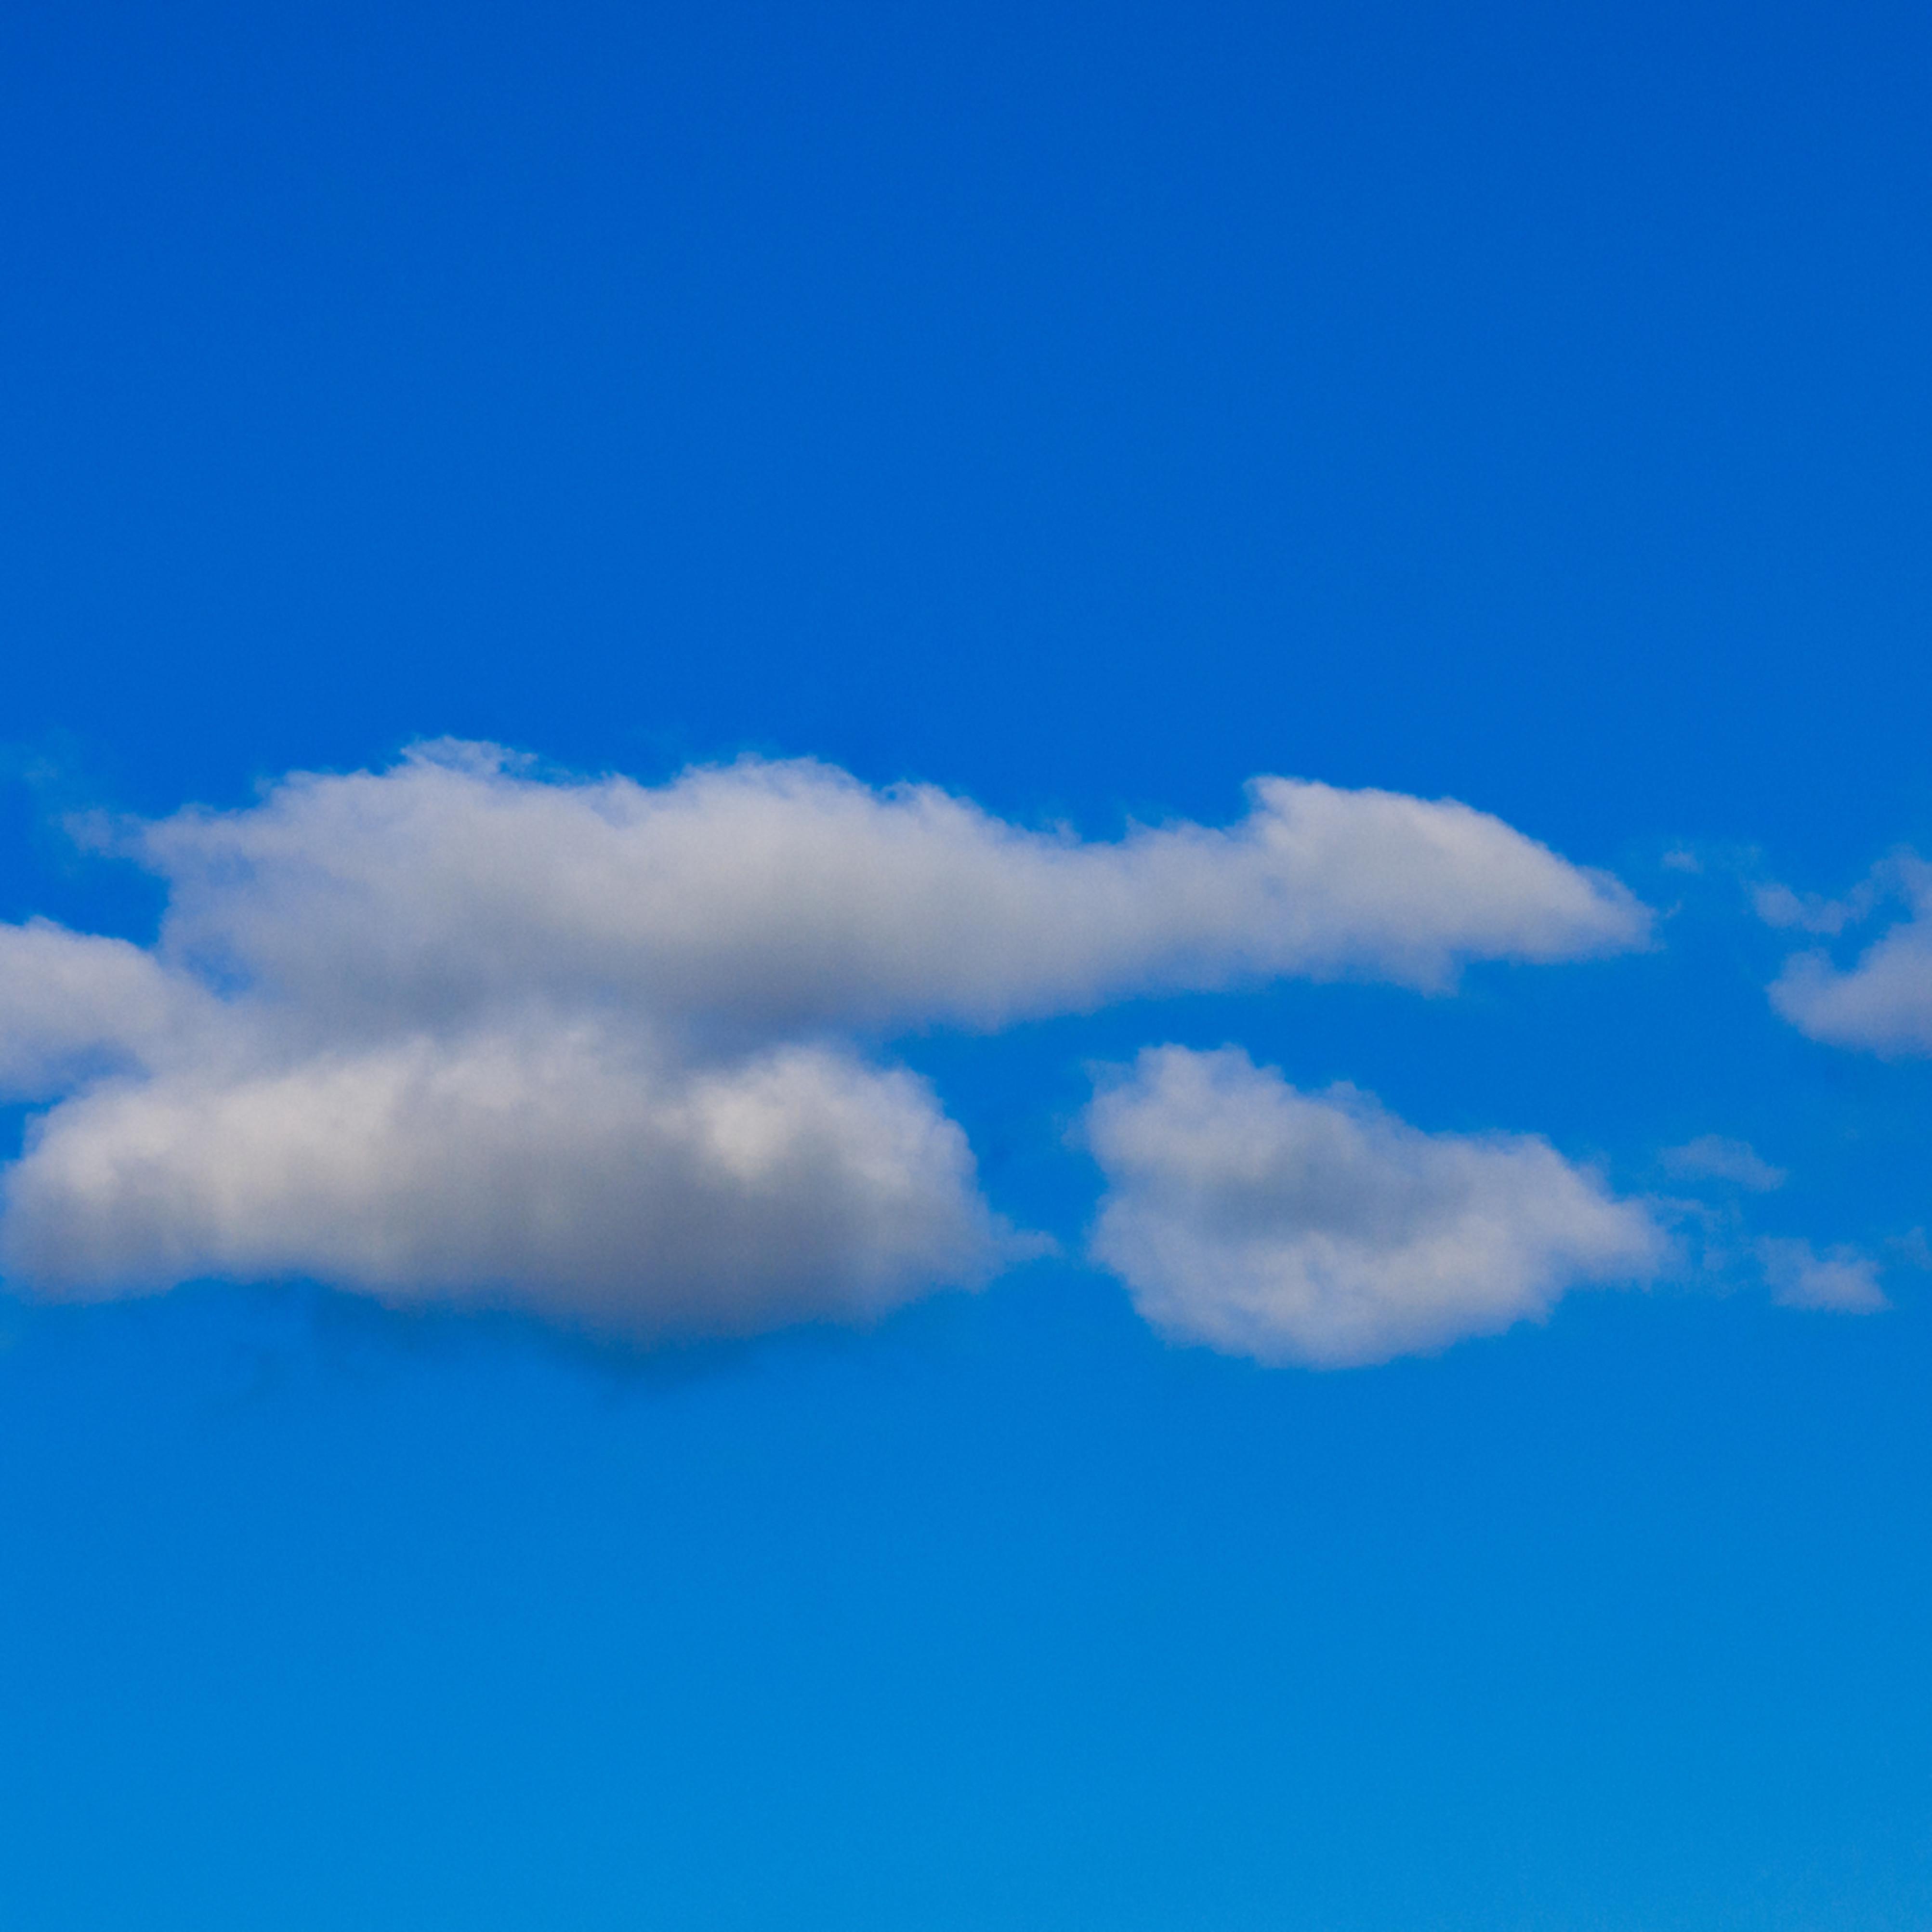 Cloud blue fxdcbw